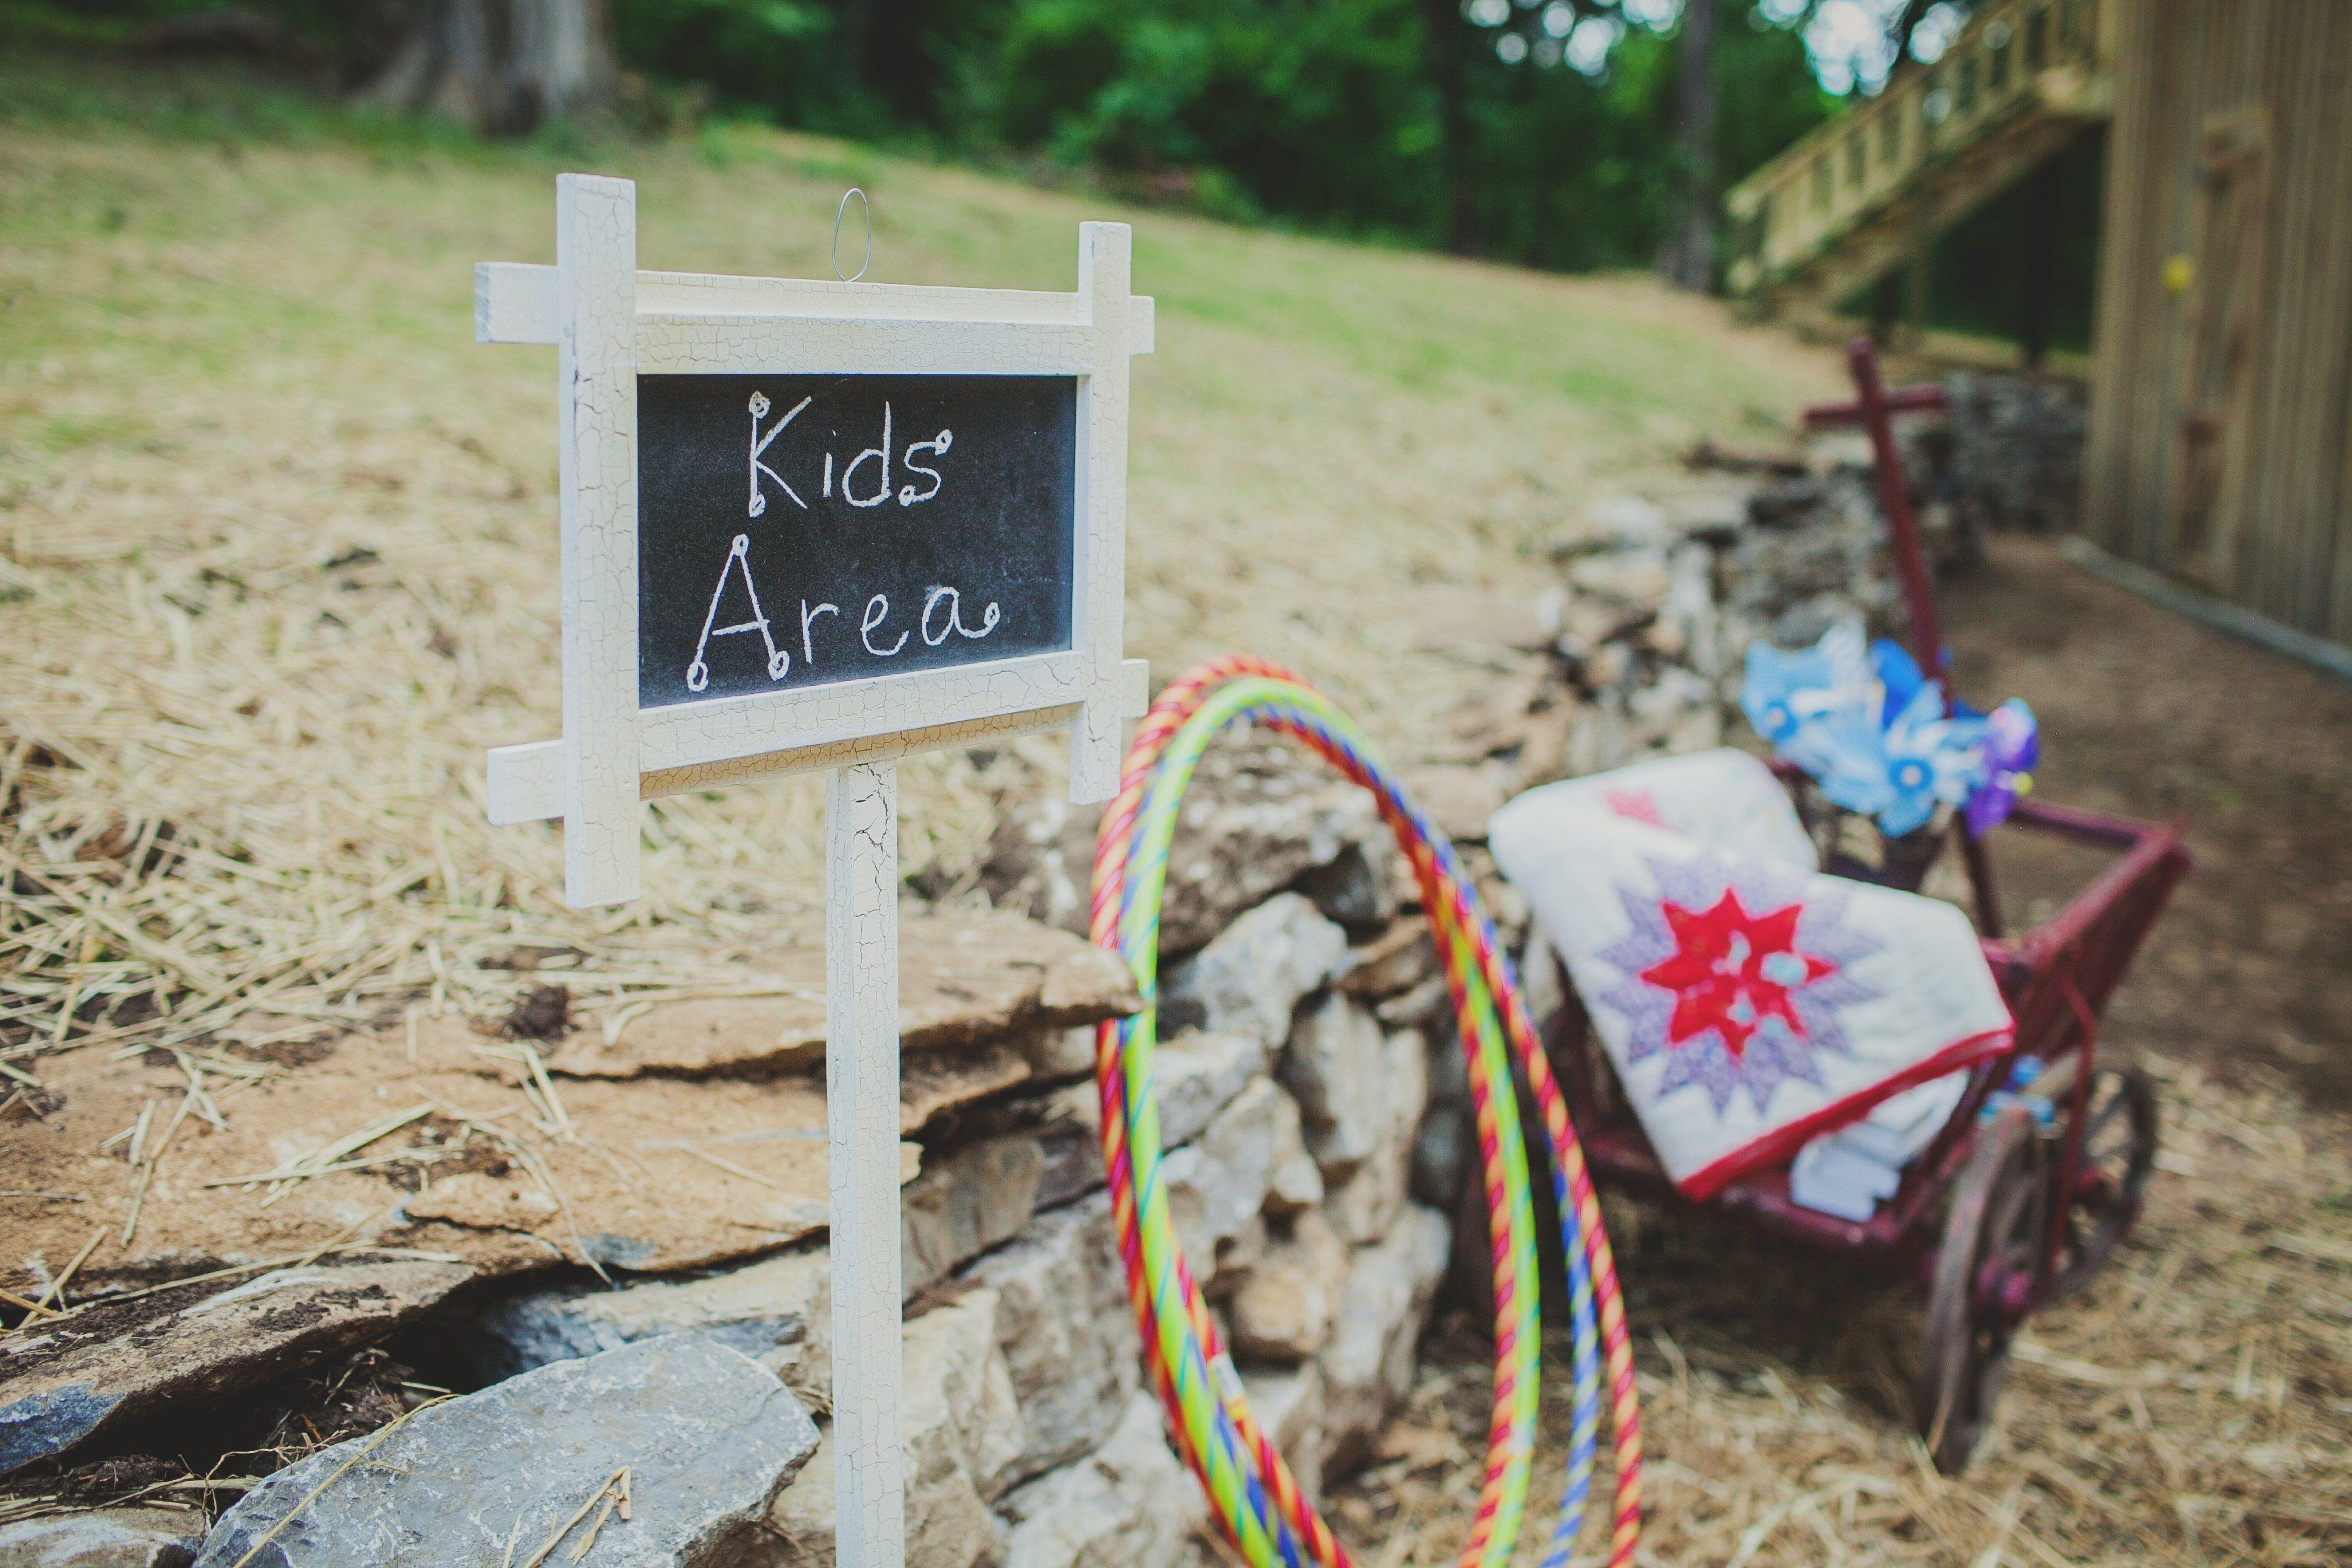 Une aire de jeux pour les enfants les garderait heureux pendant les discours!